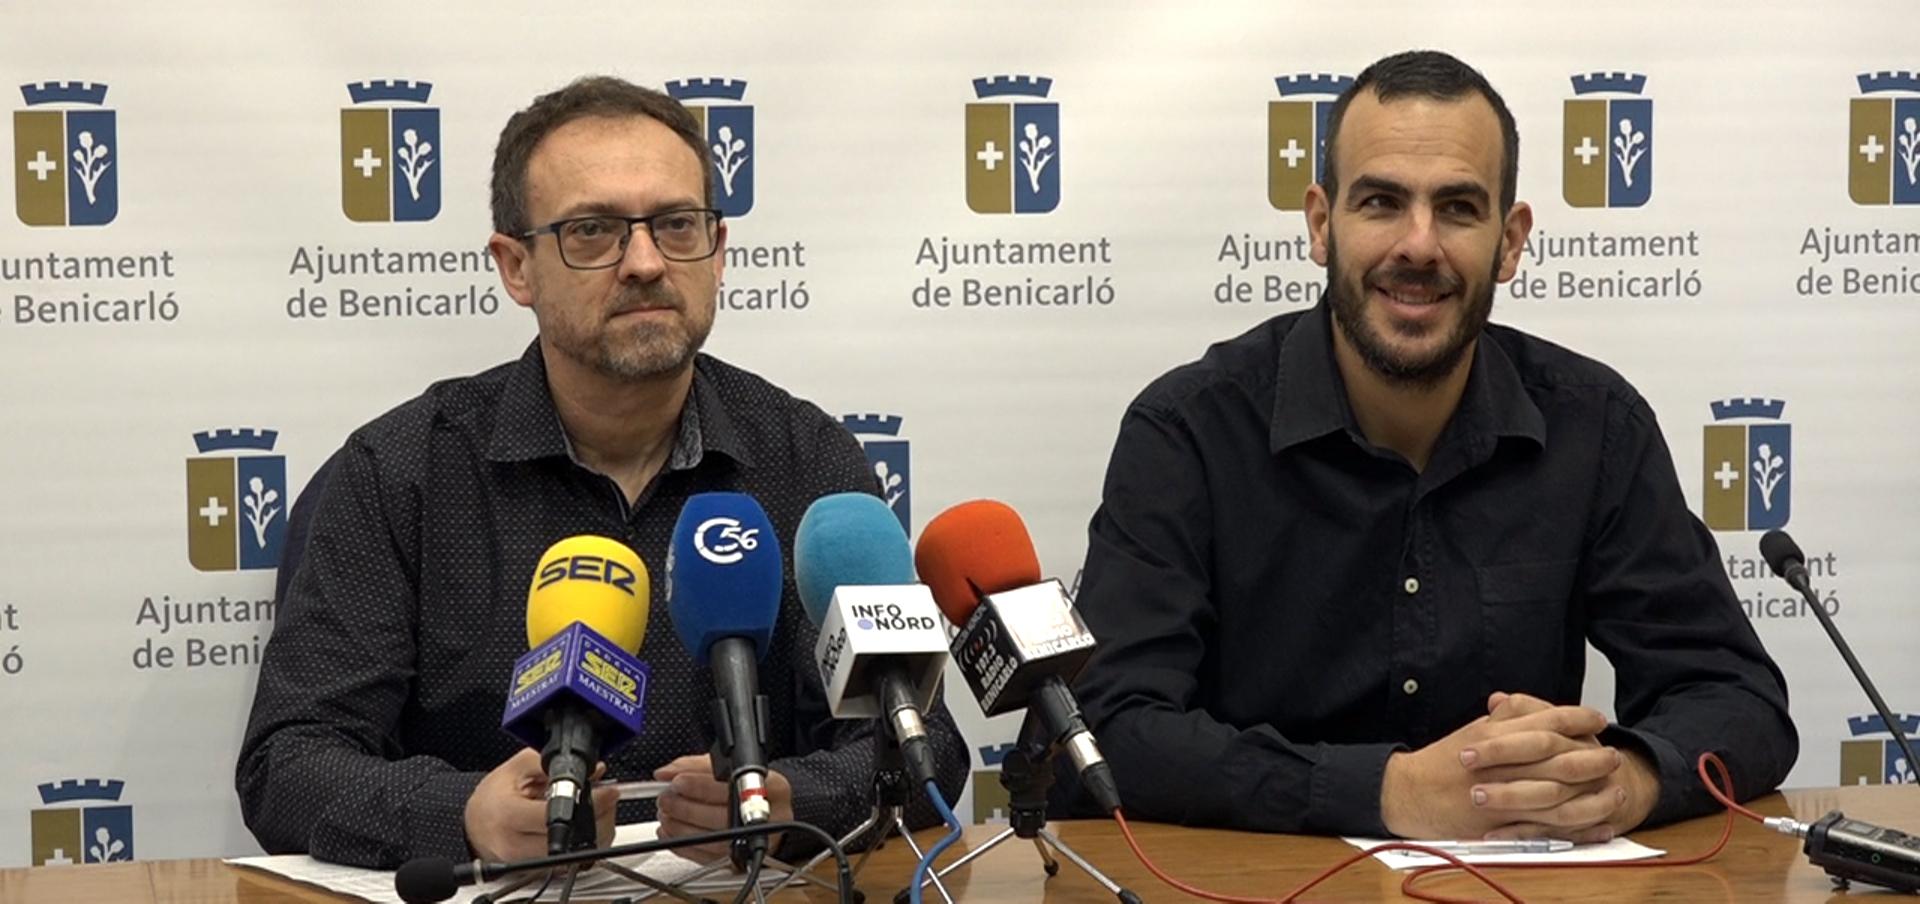 Benicarló, l'Ajuntament oferirà bonificacions a les empreses que amplien la plantilla de treballadors indefinits